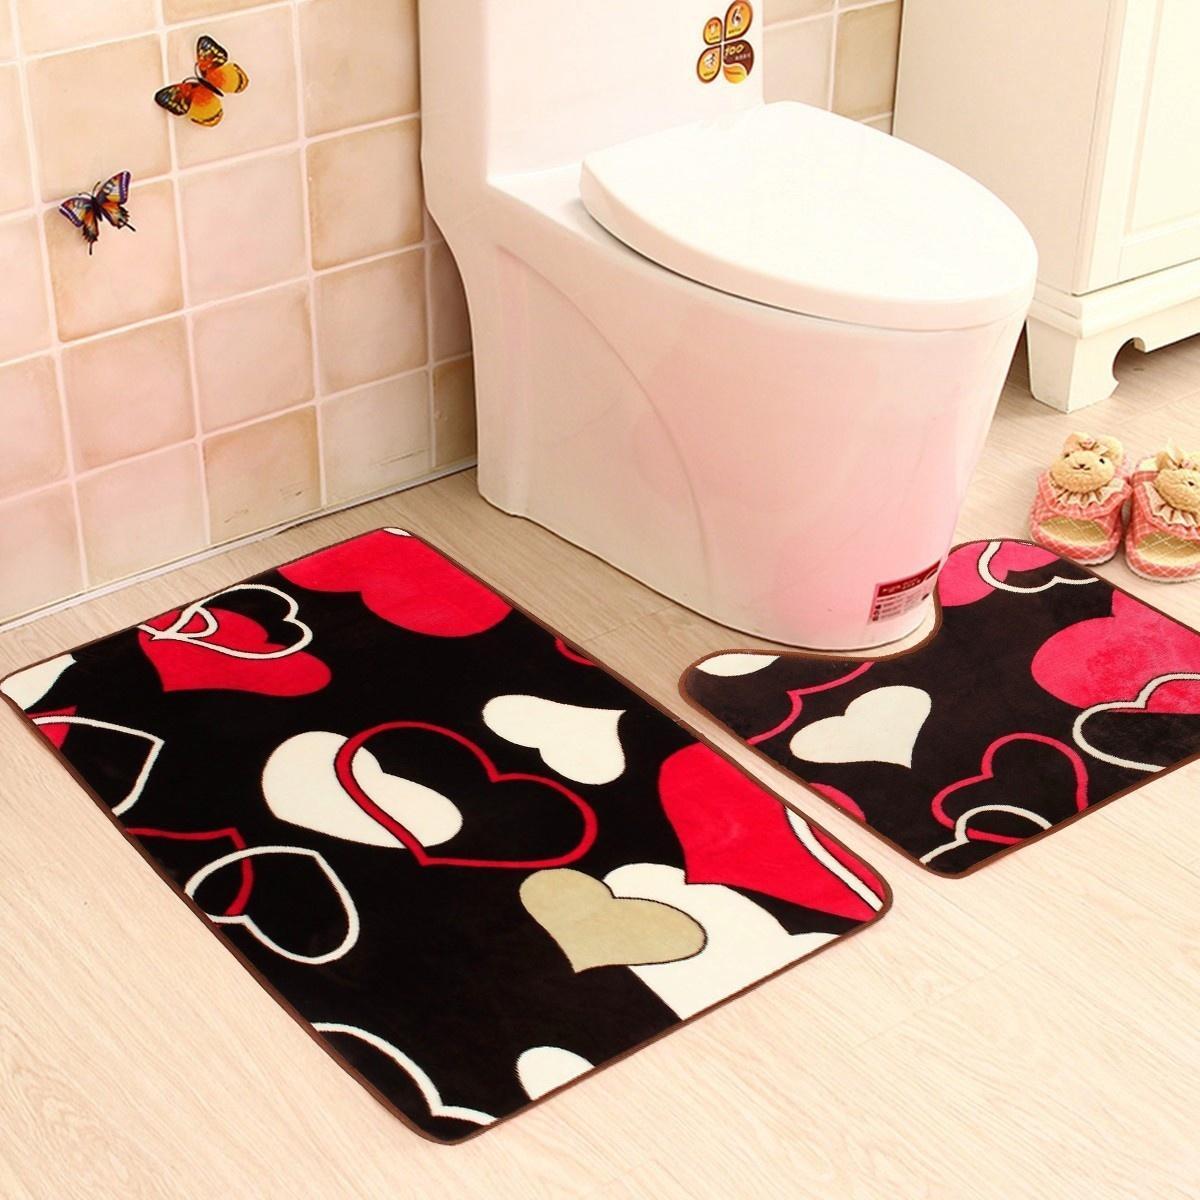 厂家卫生间地毯法兰绒u型地垫两件套马桶浴室卫浴防滑地垫定制